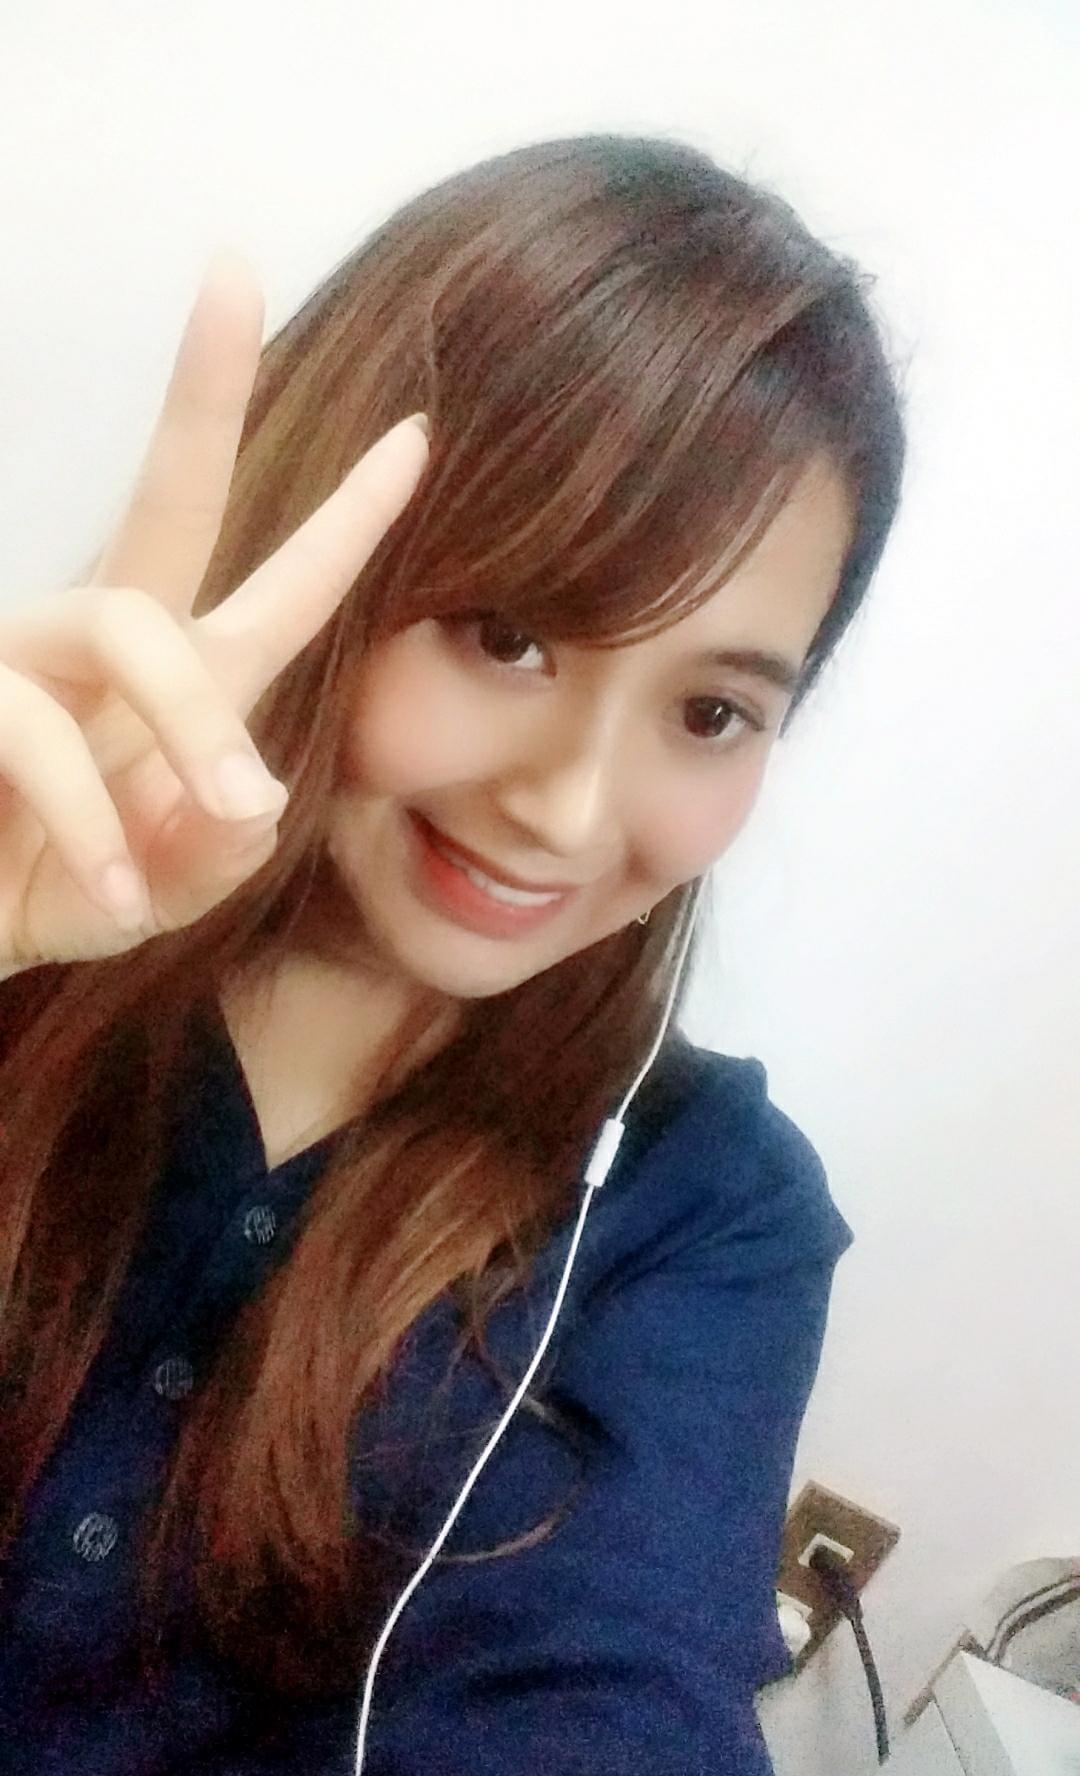 「☆☆Thank u」02/26(水) 22:41 | 伊藤 愛美子の写メ・風俗動画